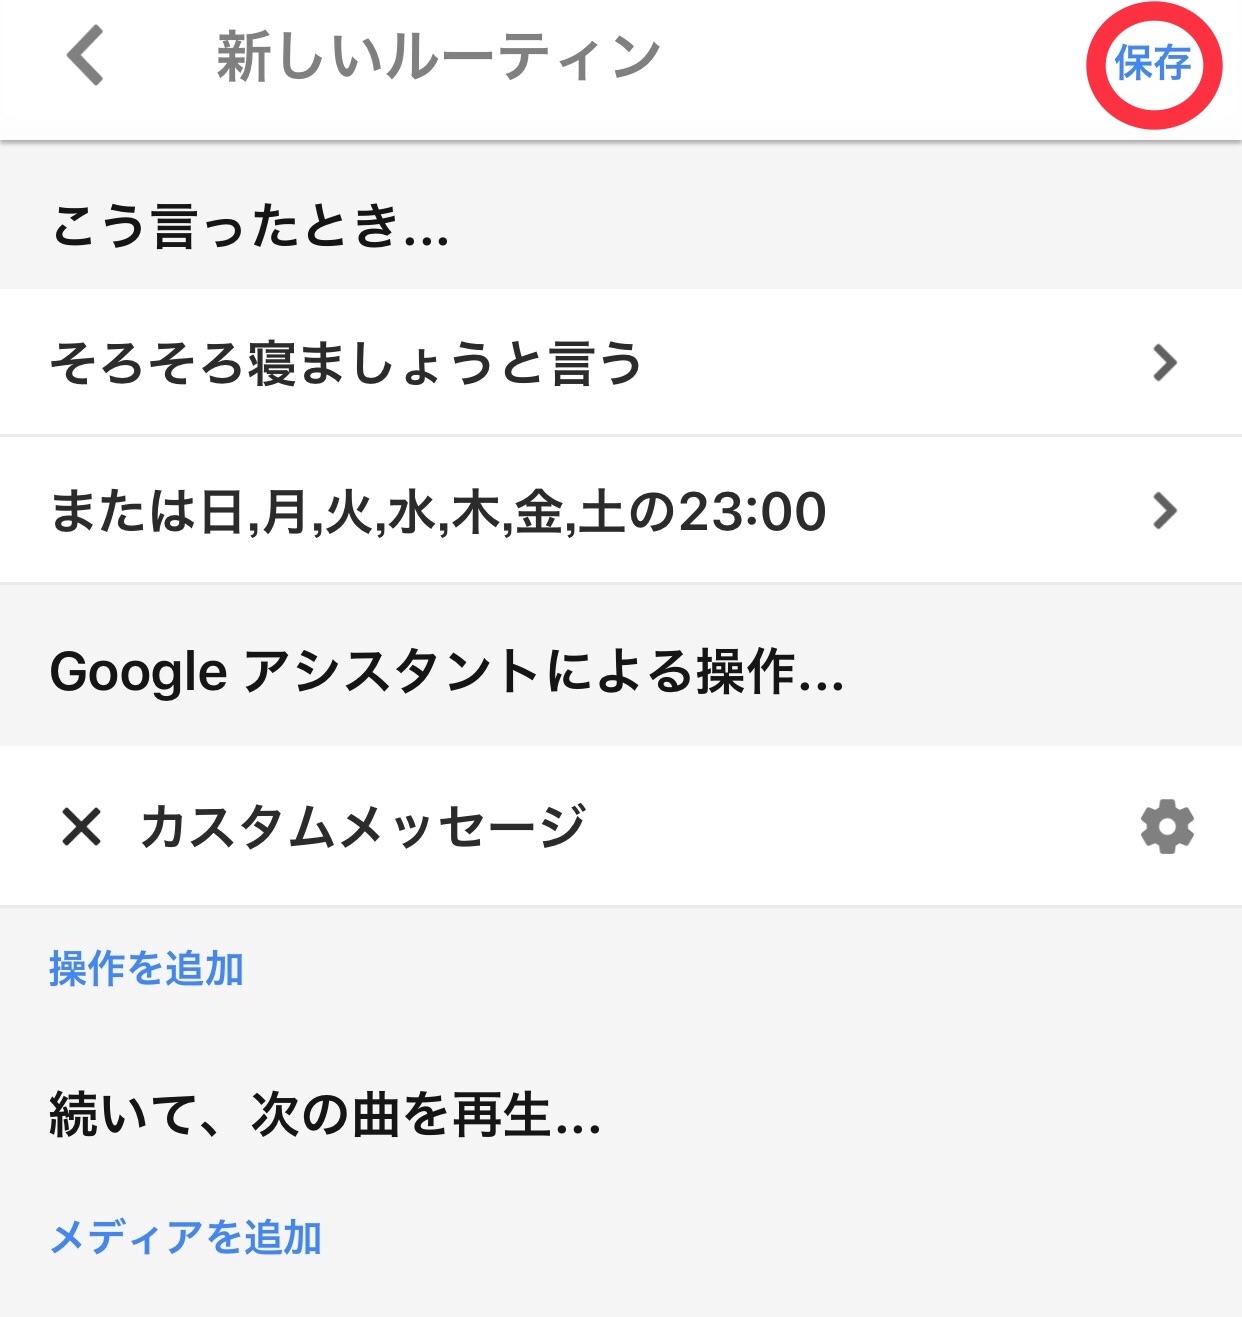 f:id:sorashima:20190627211851j:image:w311